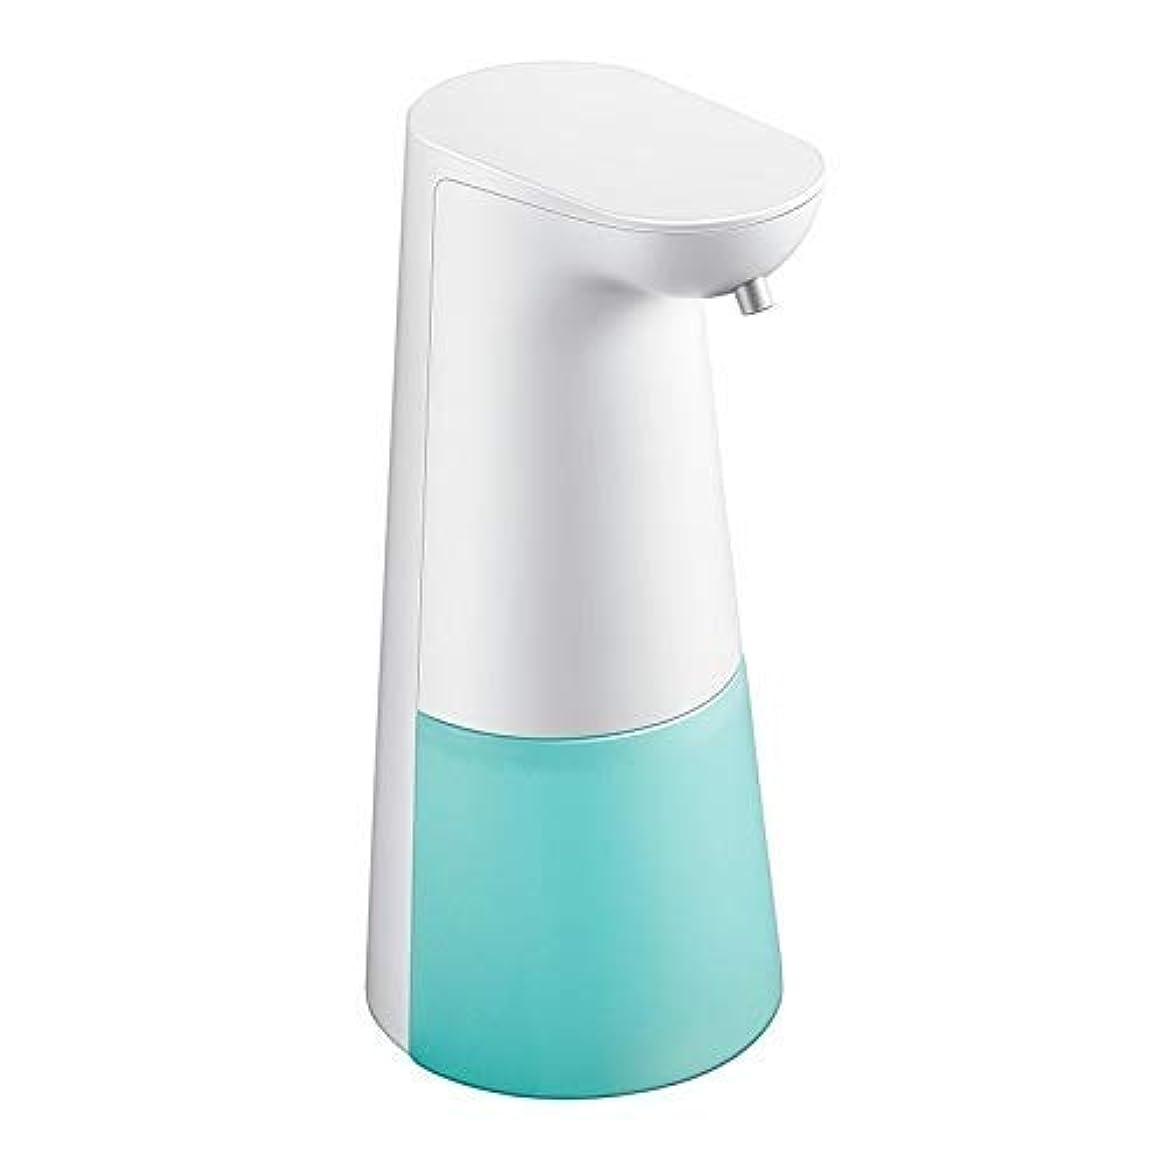 限界最大電子レンジ自動誘導の泡の石鹸機械ホテルの泡の石鹸ディスペンサーの自動手の消毒剤